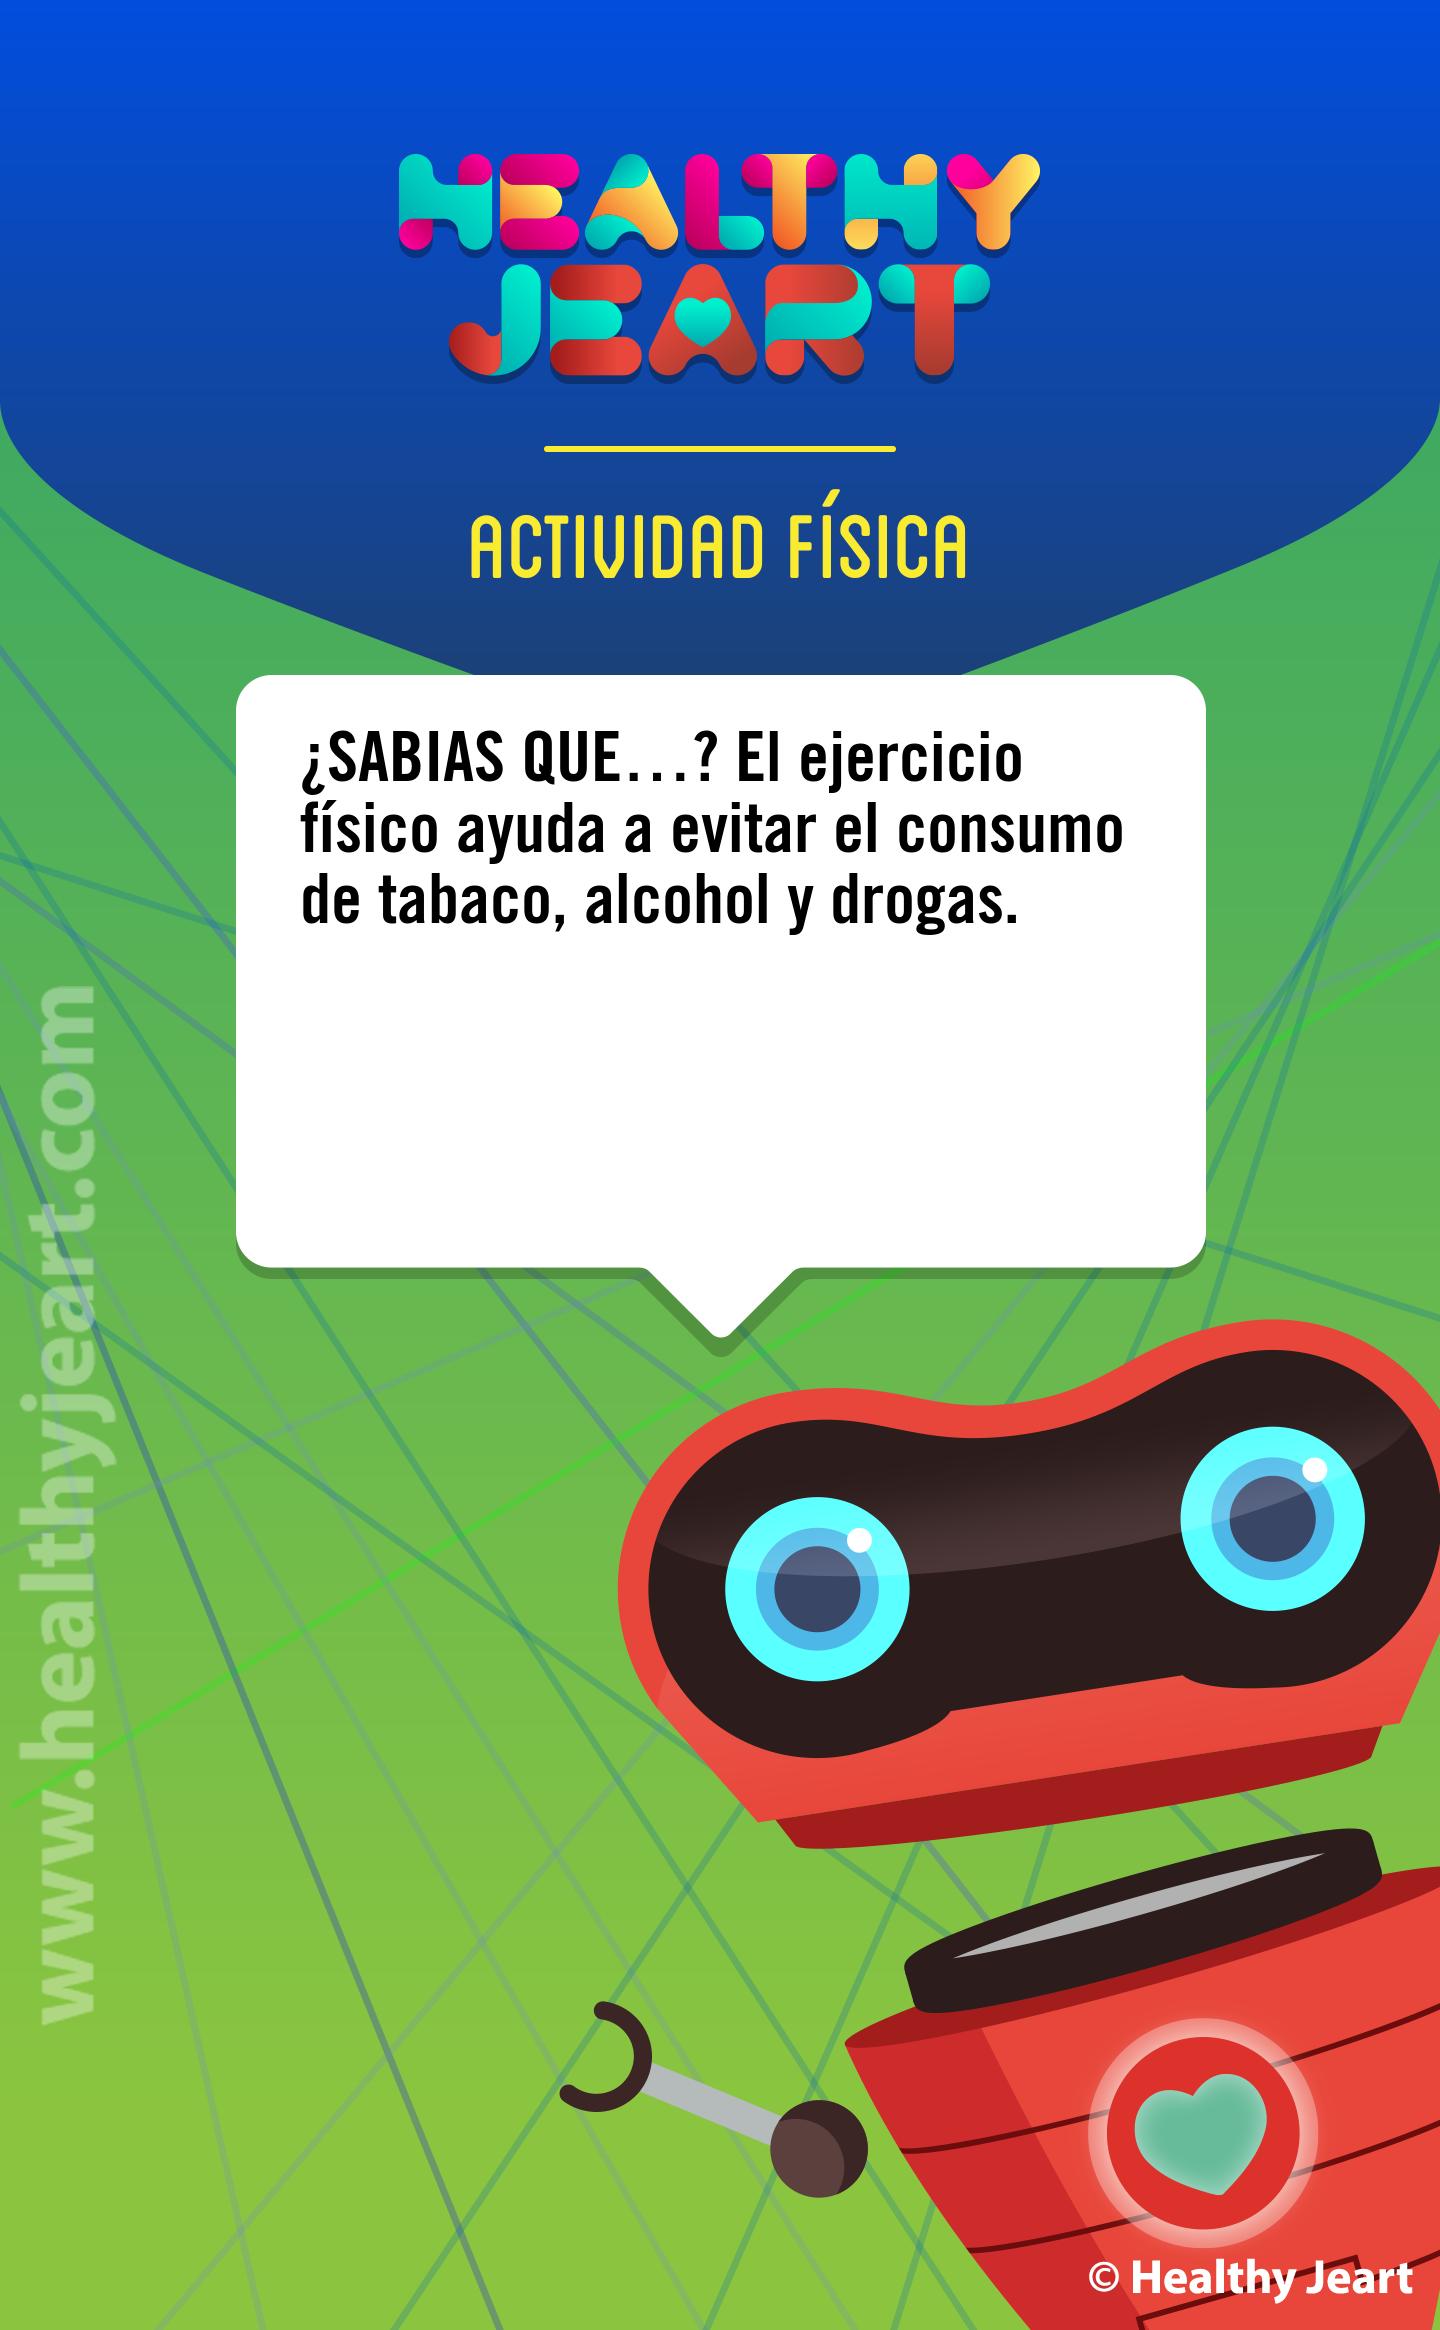 ¿Sabías que...? El ejercicio físico ayuda a evitar el consumo de tabaco, alcohol y drogas